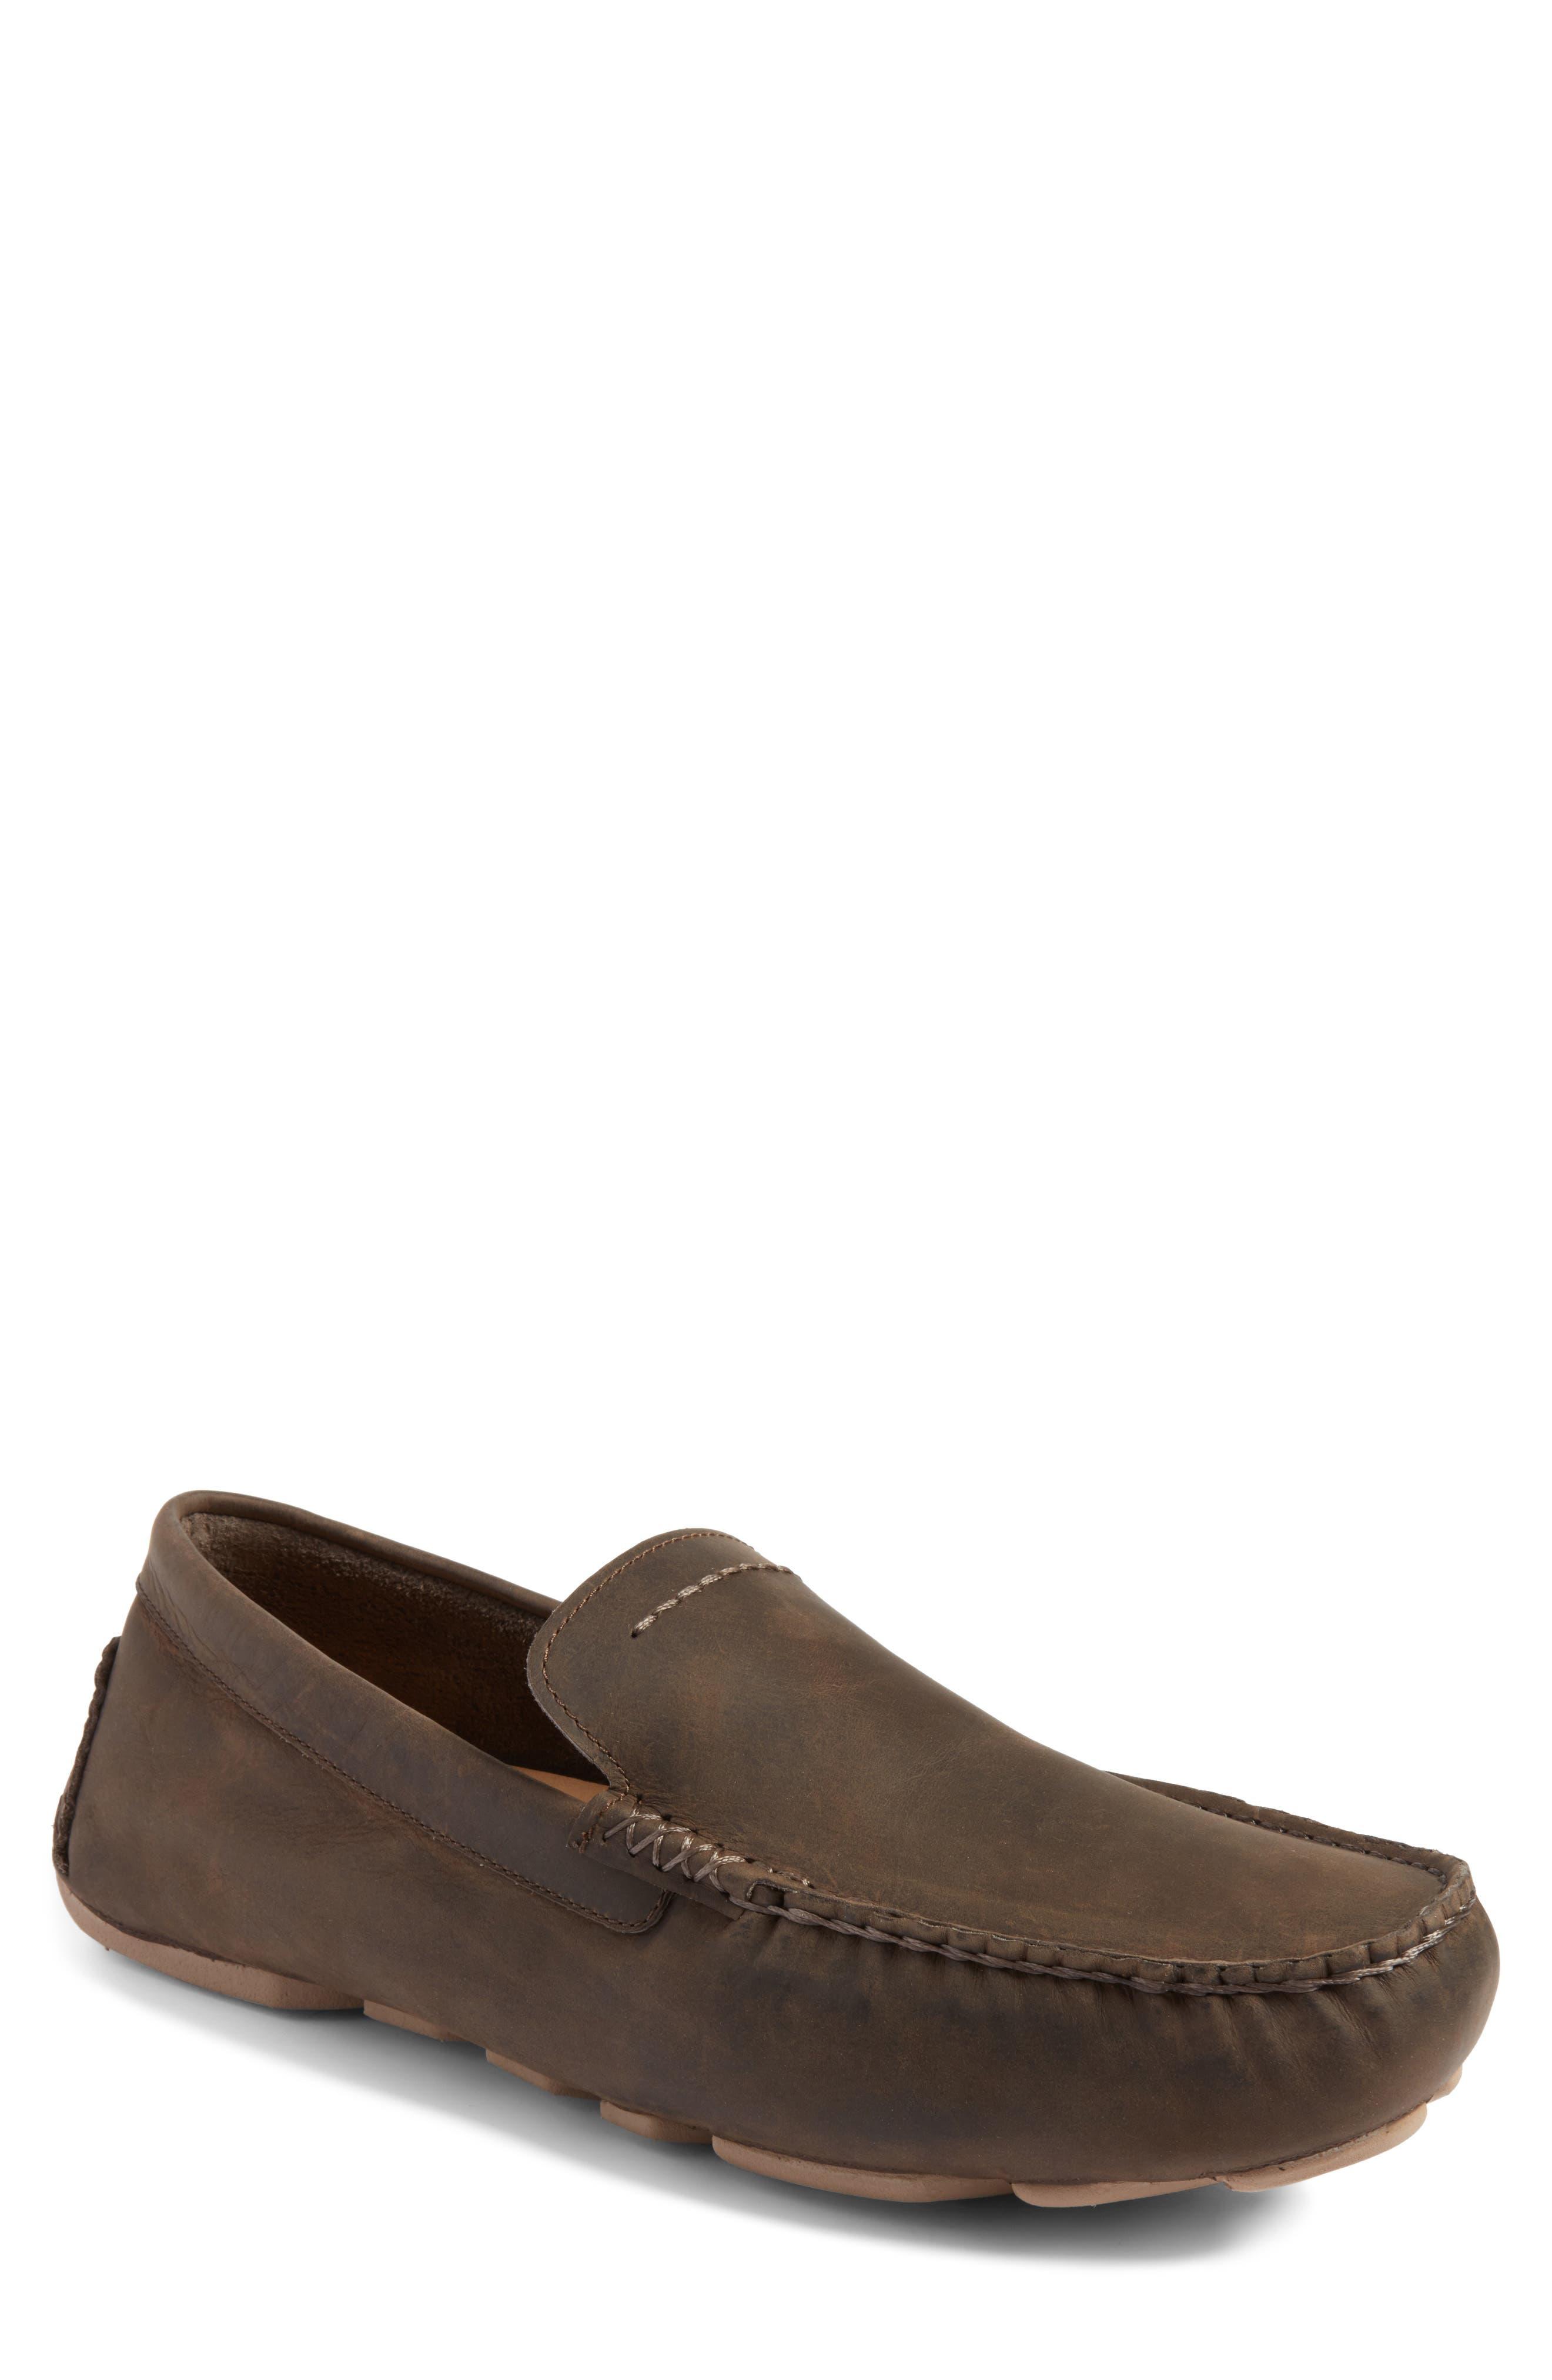 Alternate Image 1 Selected - UGG® 'Henrick' Driving Shoe (Men)